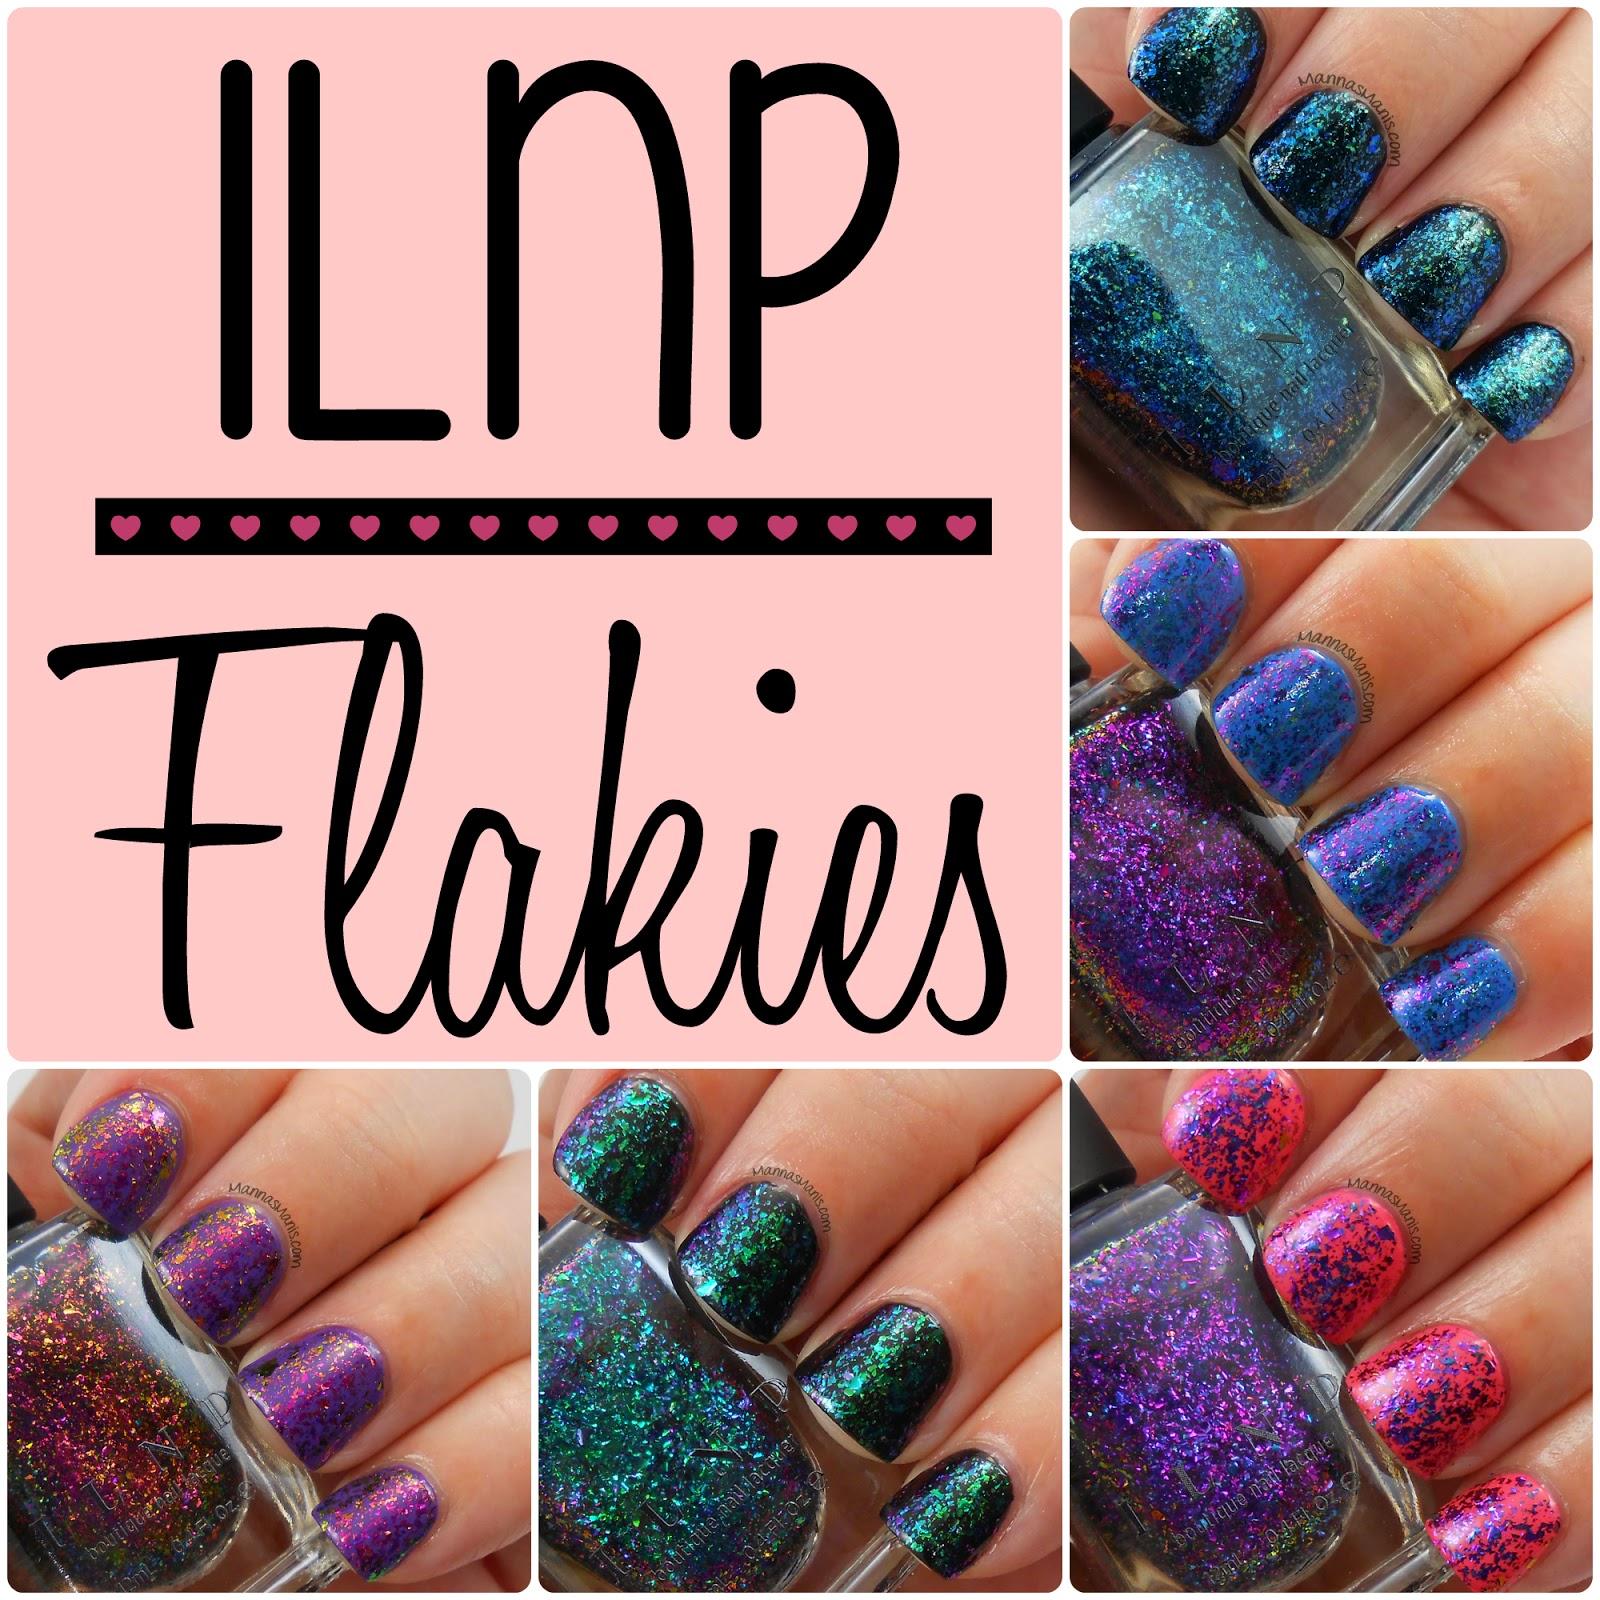 ILNP flakies